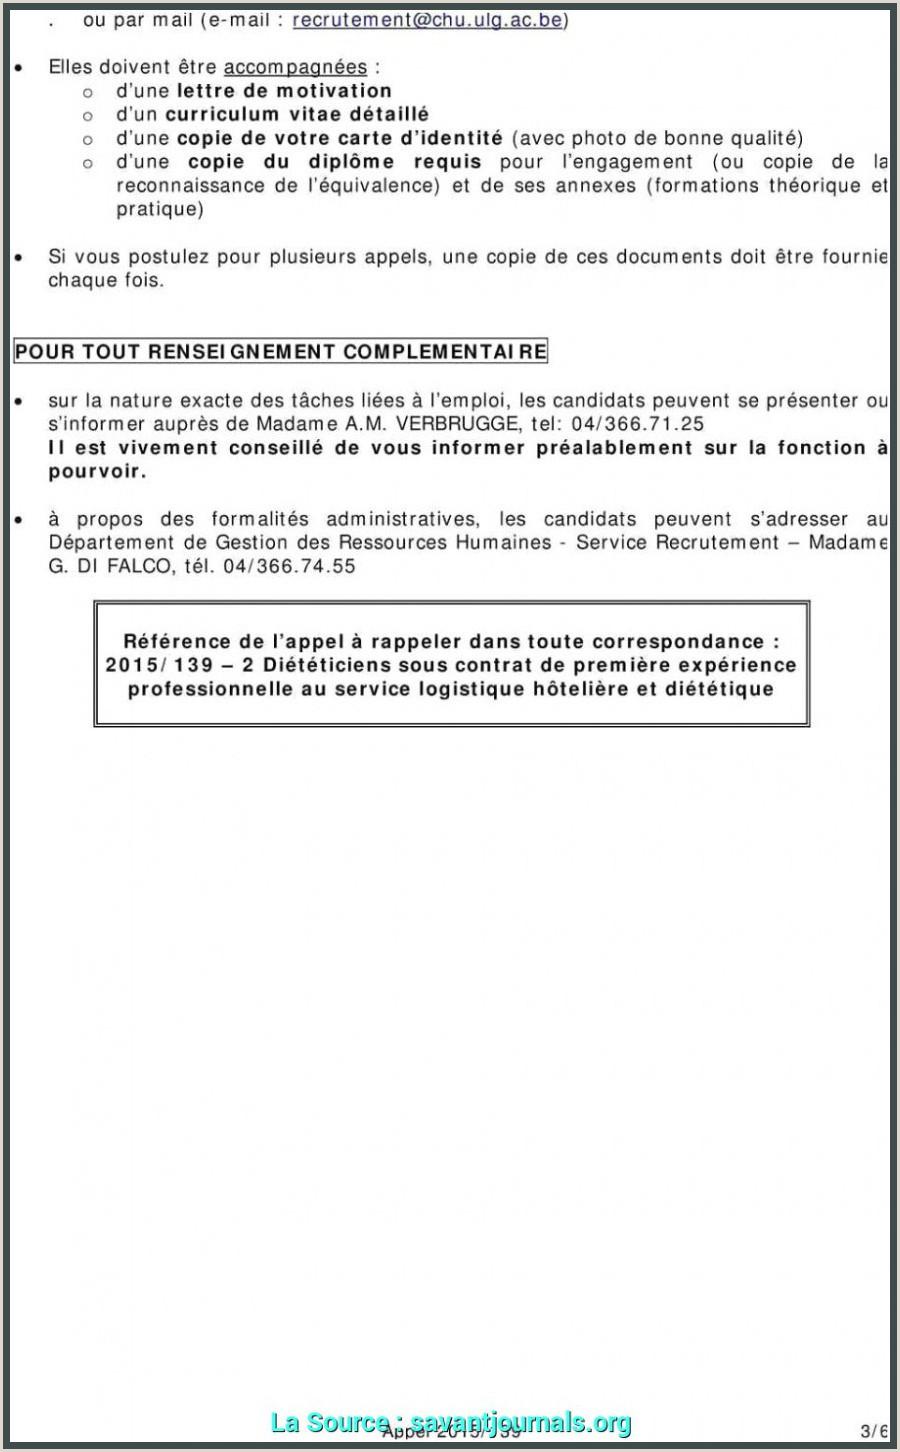 Exemple De Cv Sans Diplome Dernier Modele Lettre De Motivation Auxiliaire De Sans